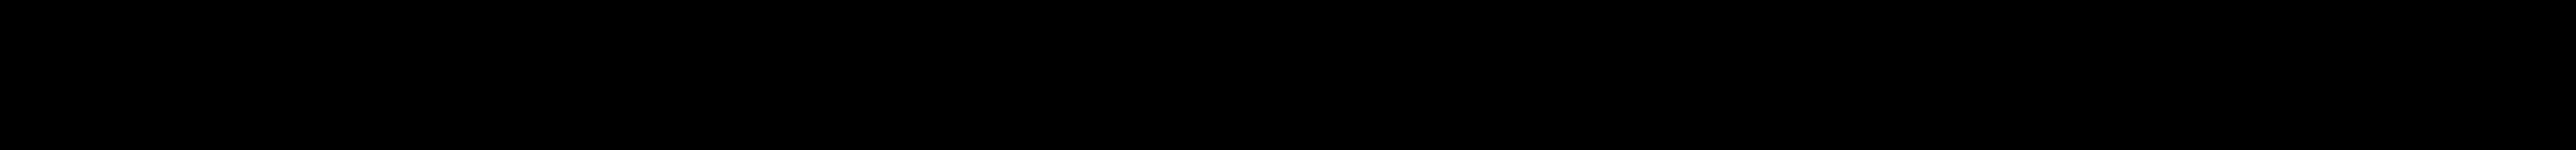 YWFT OverCross Semi Bold Oblique